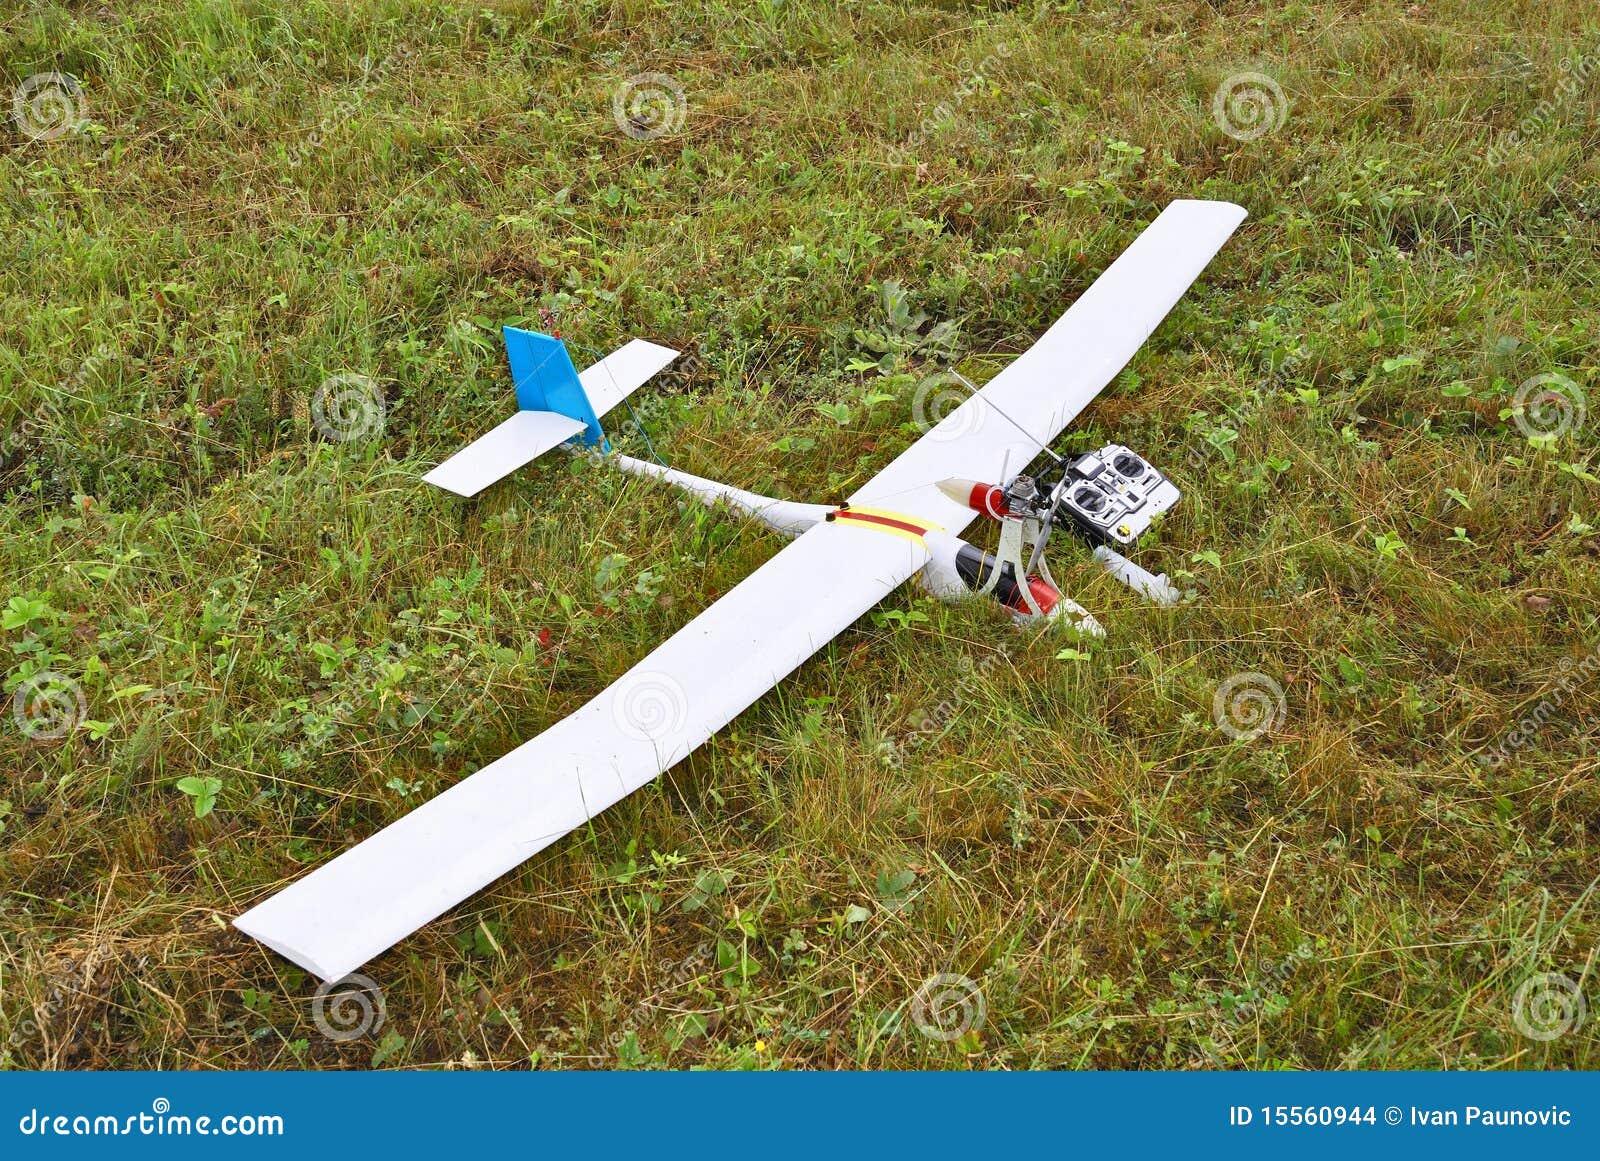 Modèle d avion atterri